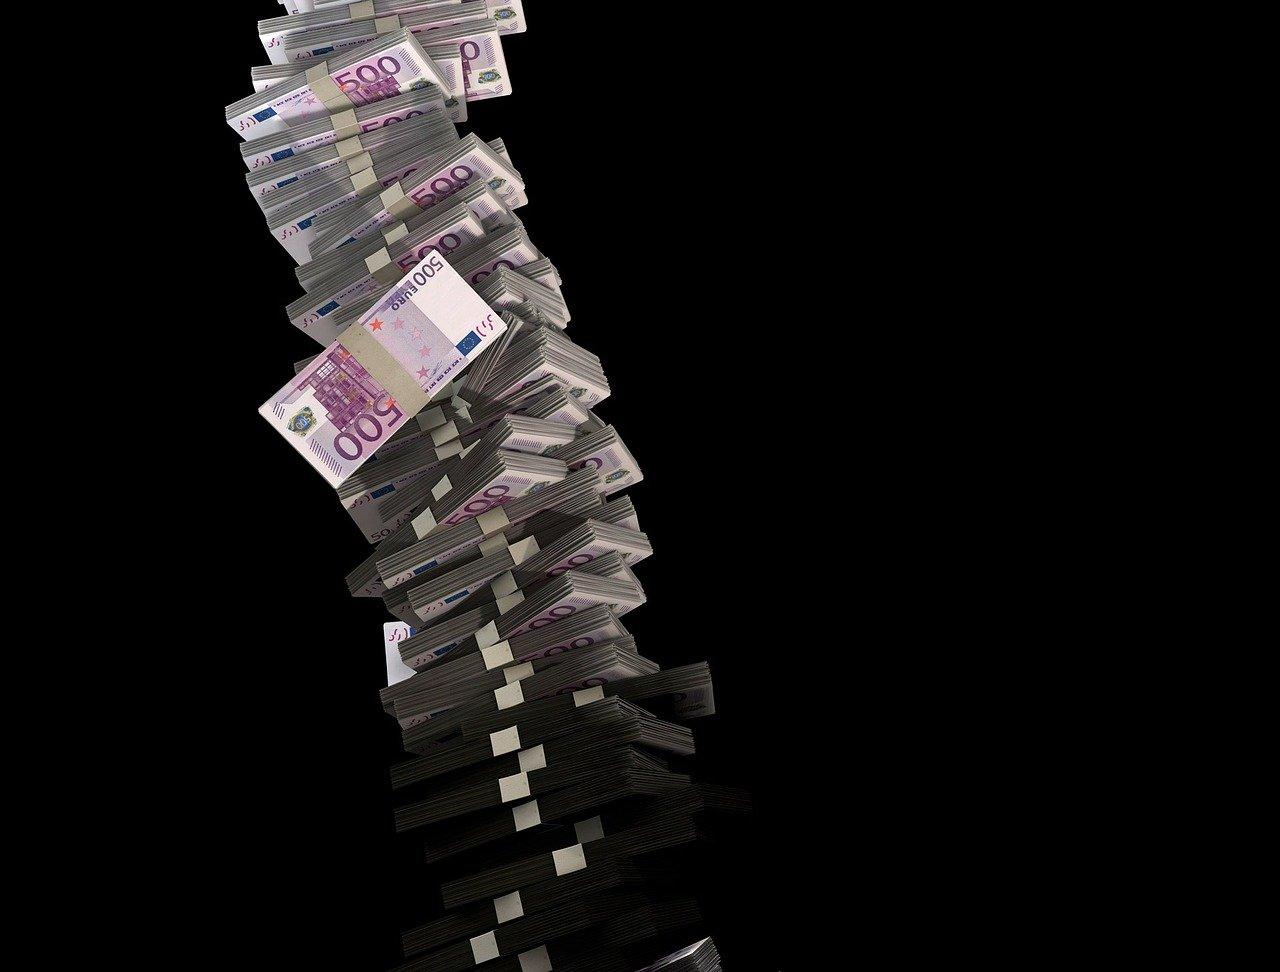 Des exonérations de charges sociales et fiscales pour les petites entreprises